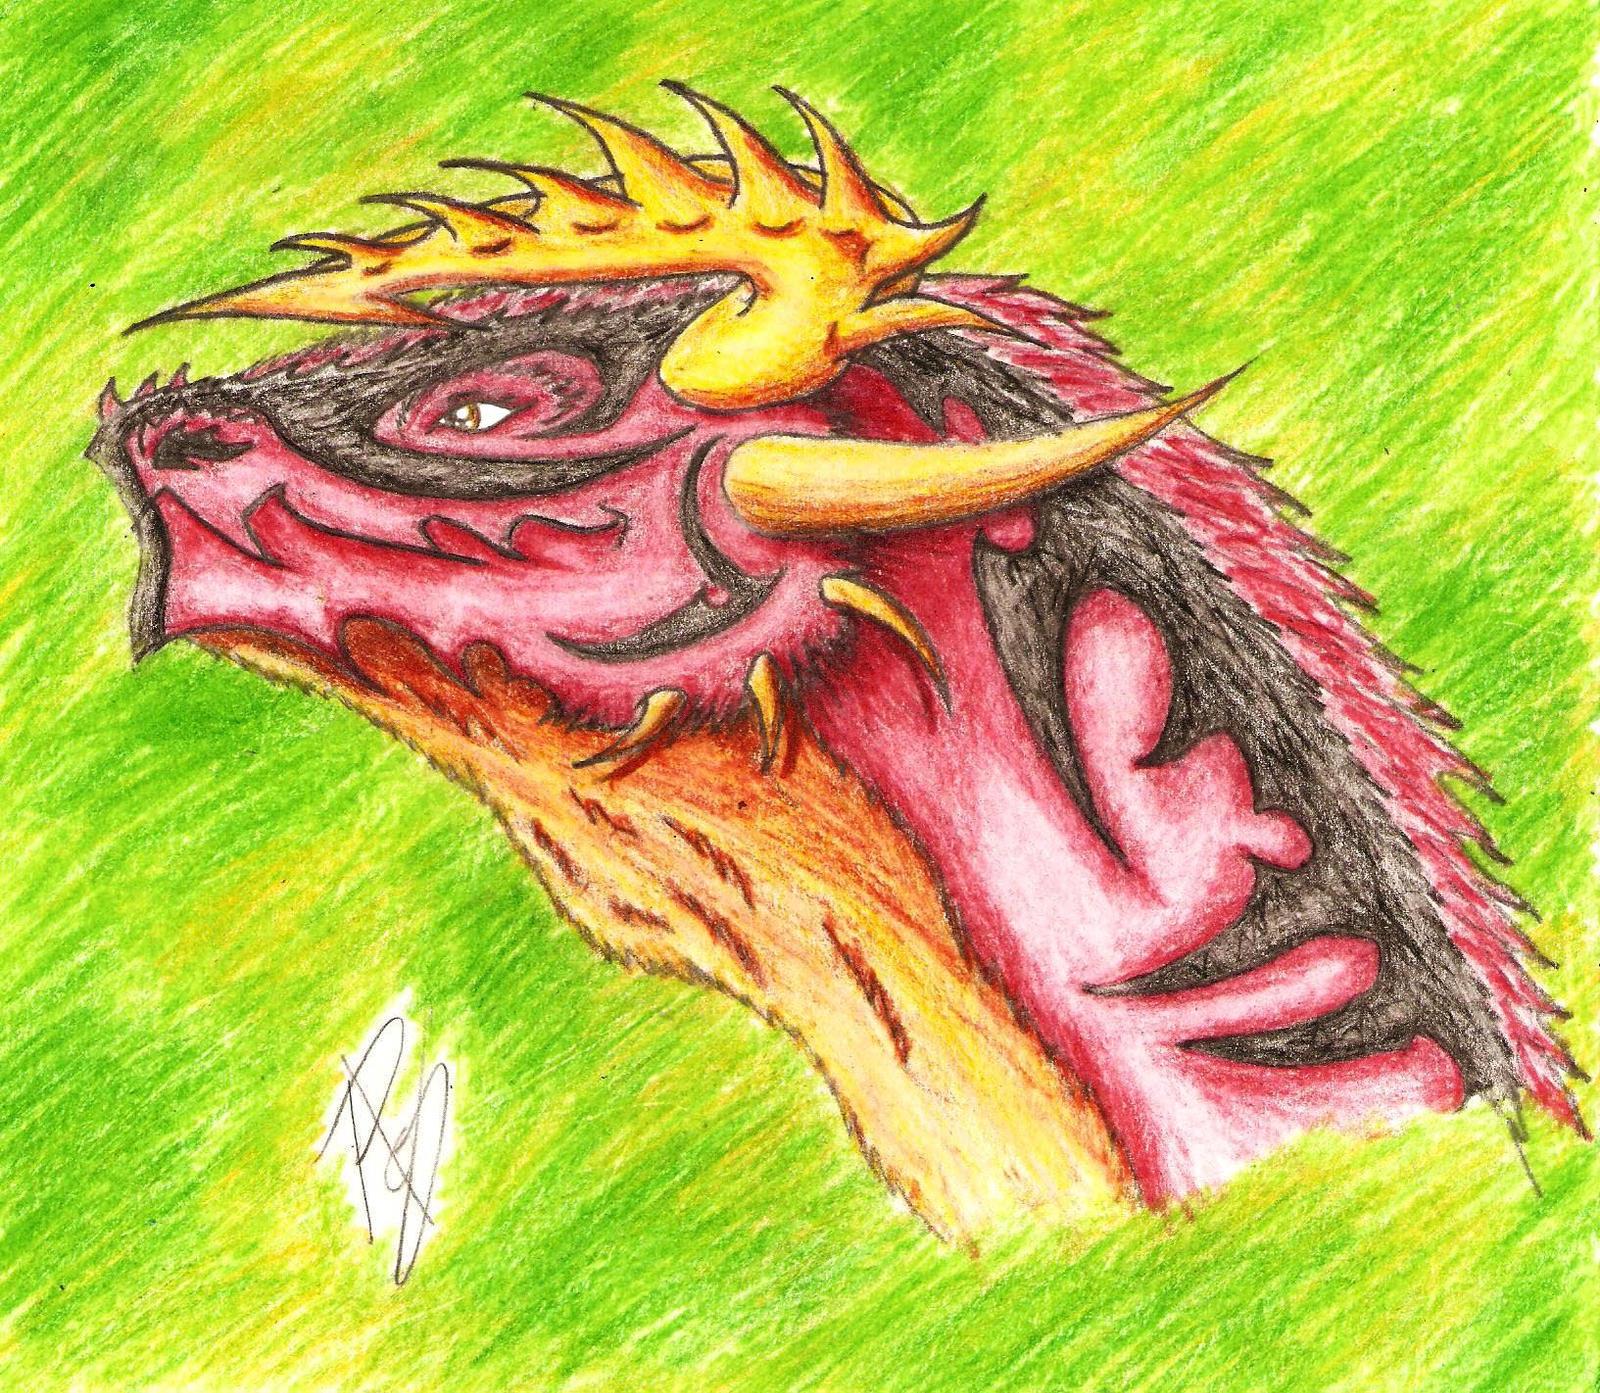 DrakenAngelus2's Profile Picture